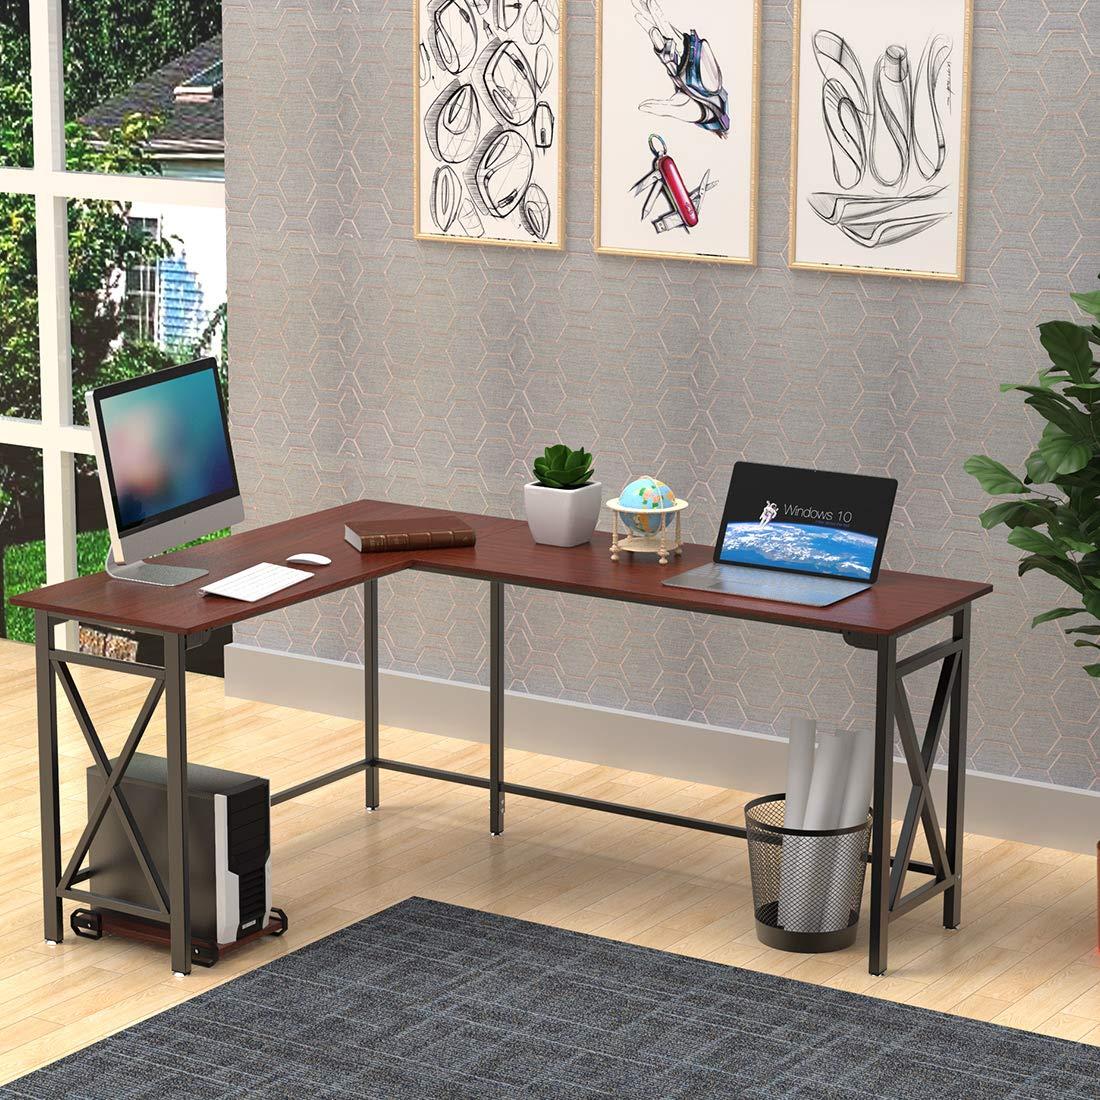 L Shaped Computer Desk 67 X 51 Walnut Corner Computer Desks 2 Piece Corner Laptop Table Home Office Desk Desktop Computer Desks Workstation Desk